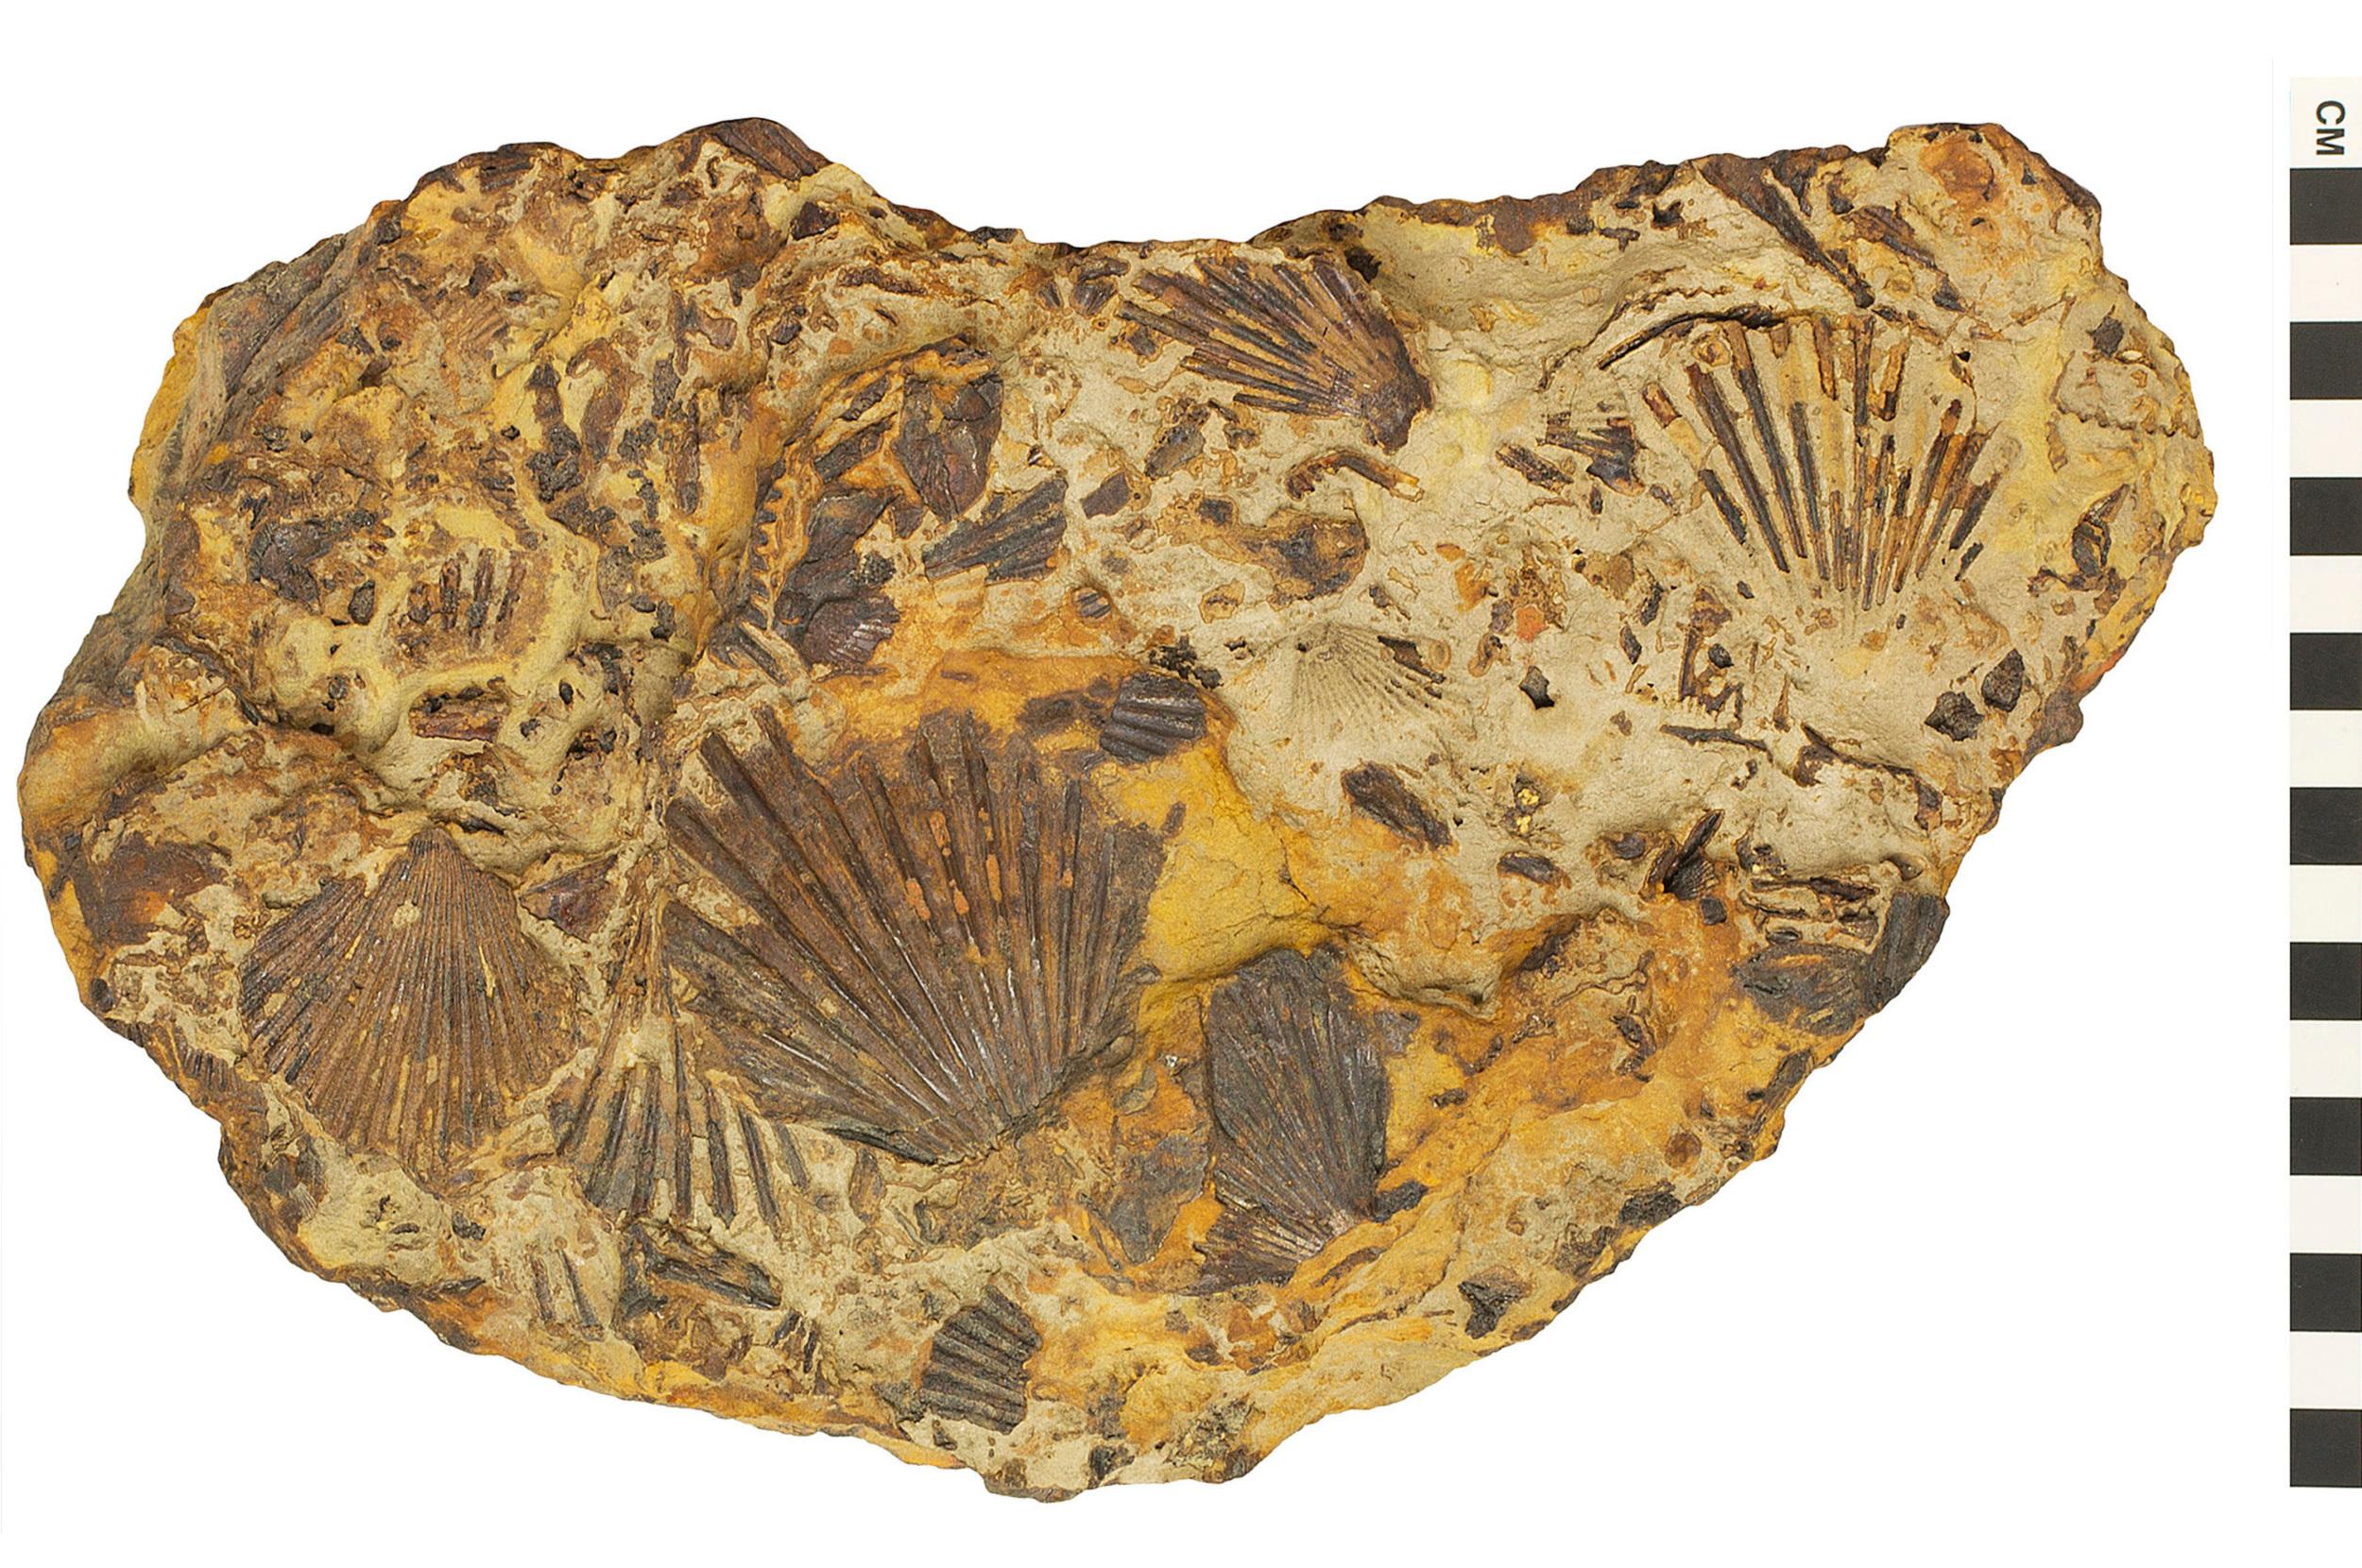 sedimentary rock fossiliferous sandstone qrius